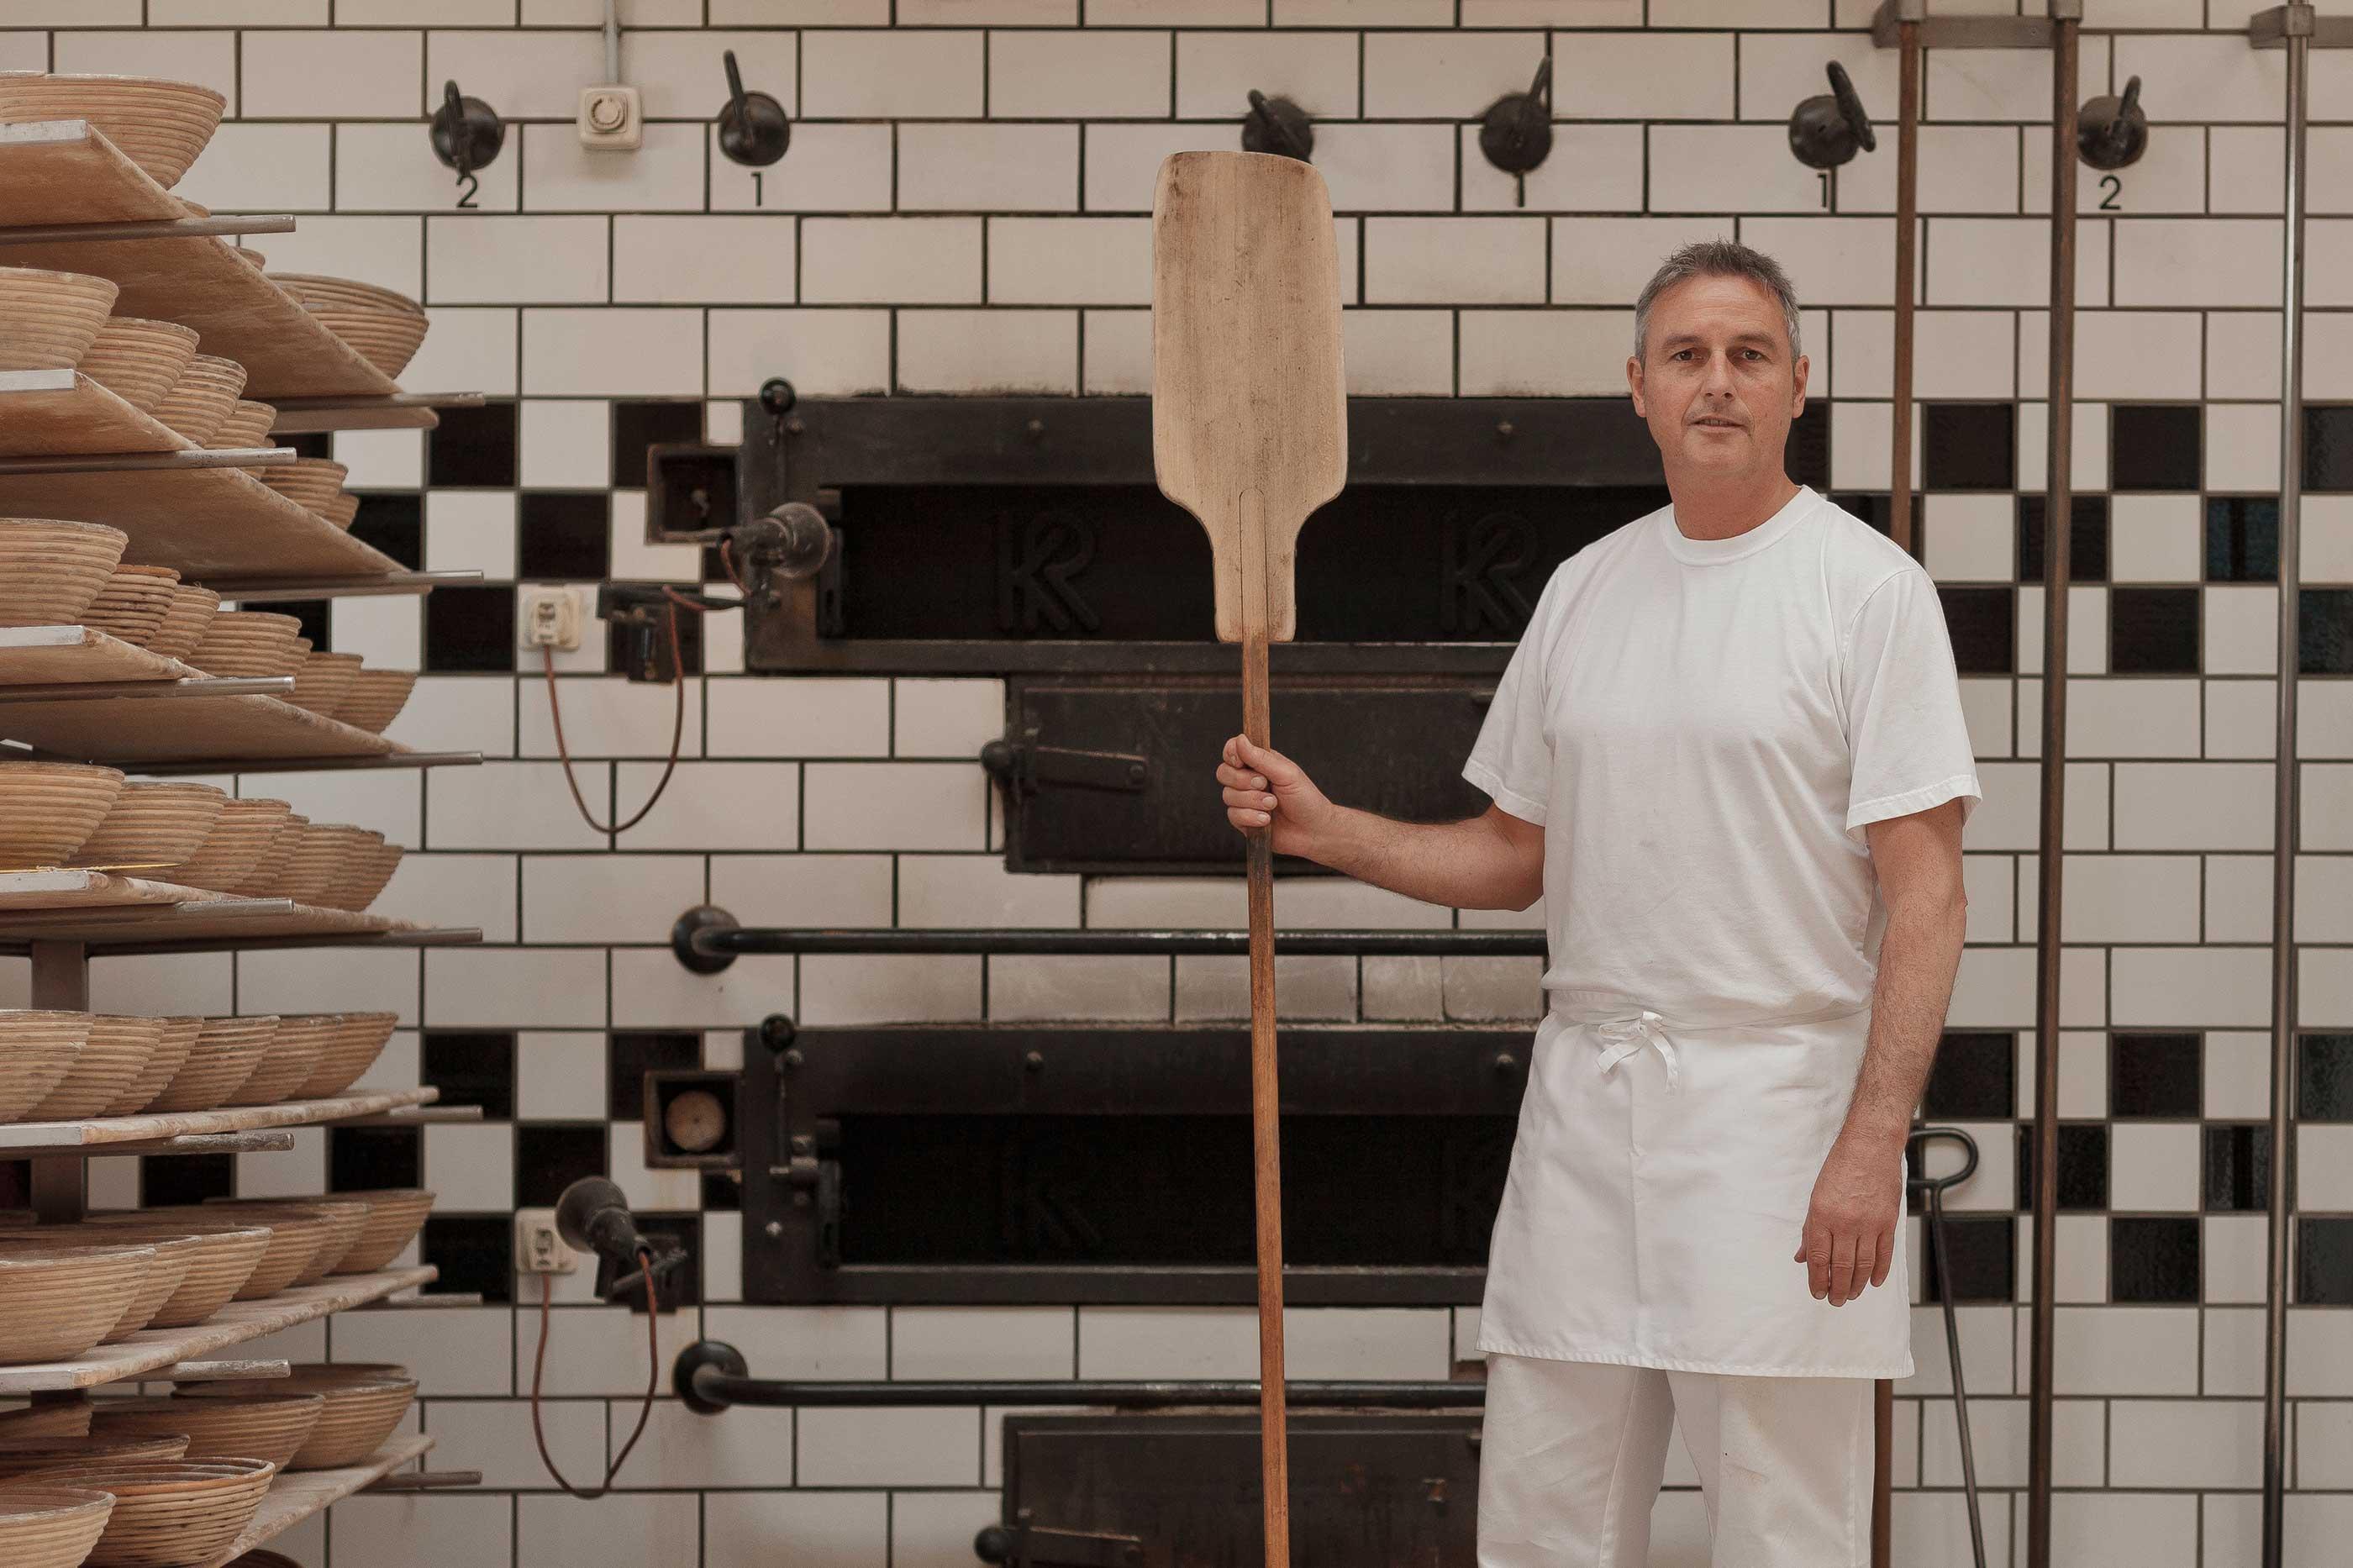 Bäckermeister Thomas Schütz aus Erkheim mit Brotschieber vor seinem Holzofen